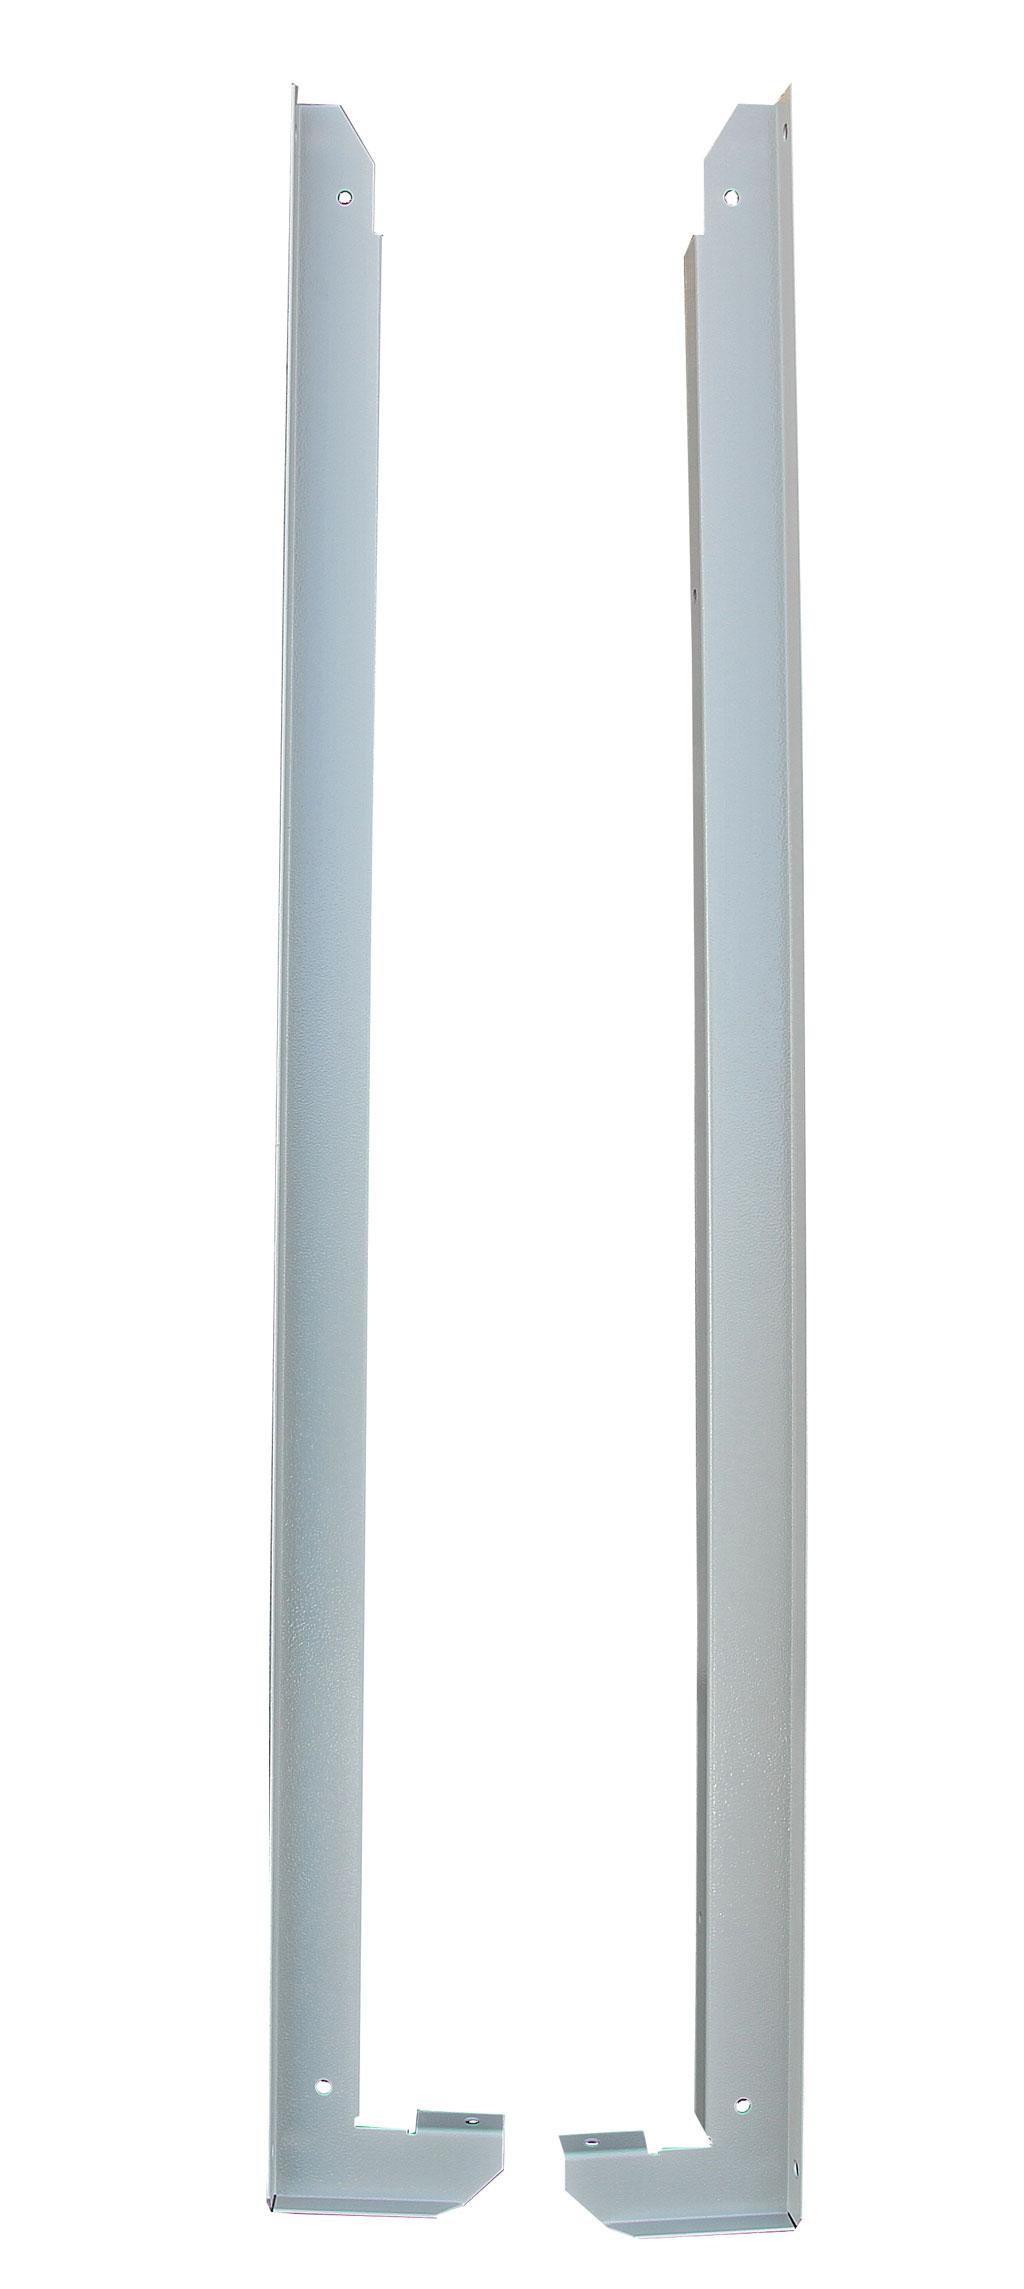 komplett-Vaggfaste-till-dubbelvaggiga-aluminiumsskap-1200mm-hog